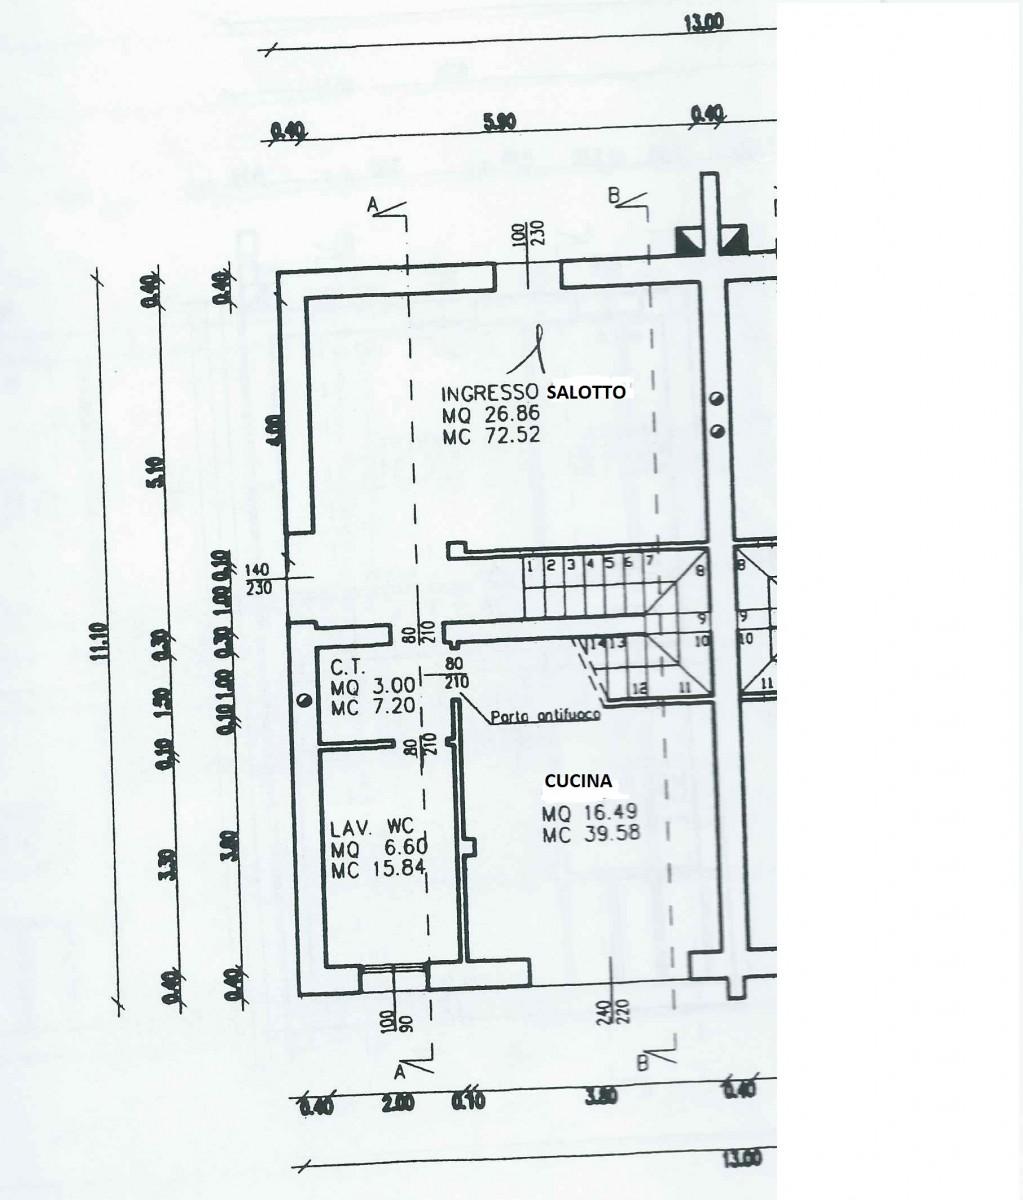 Preventivo impianto idraulico interni online pagina 3 - Impianto idraulico casa prezzo ...